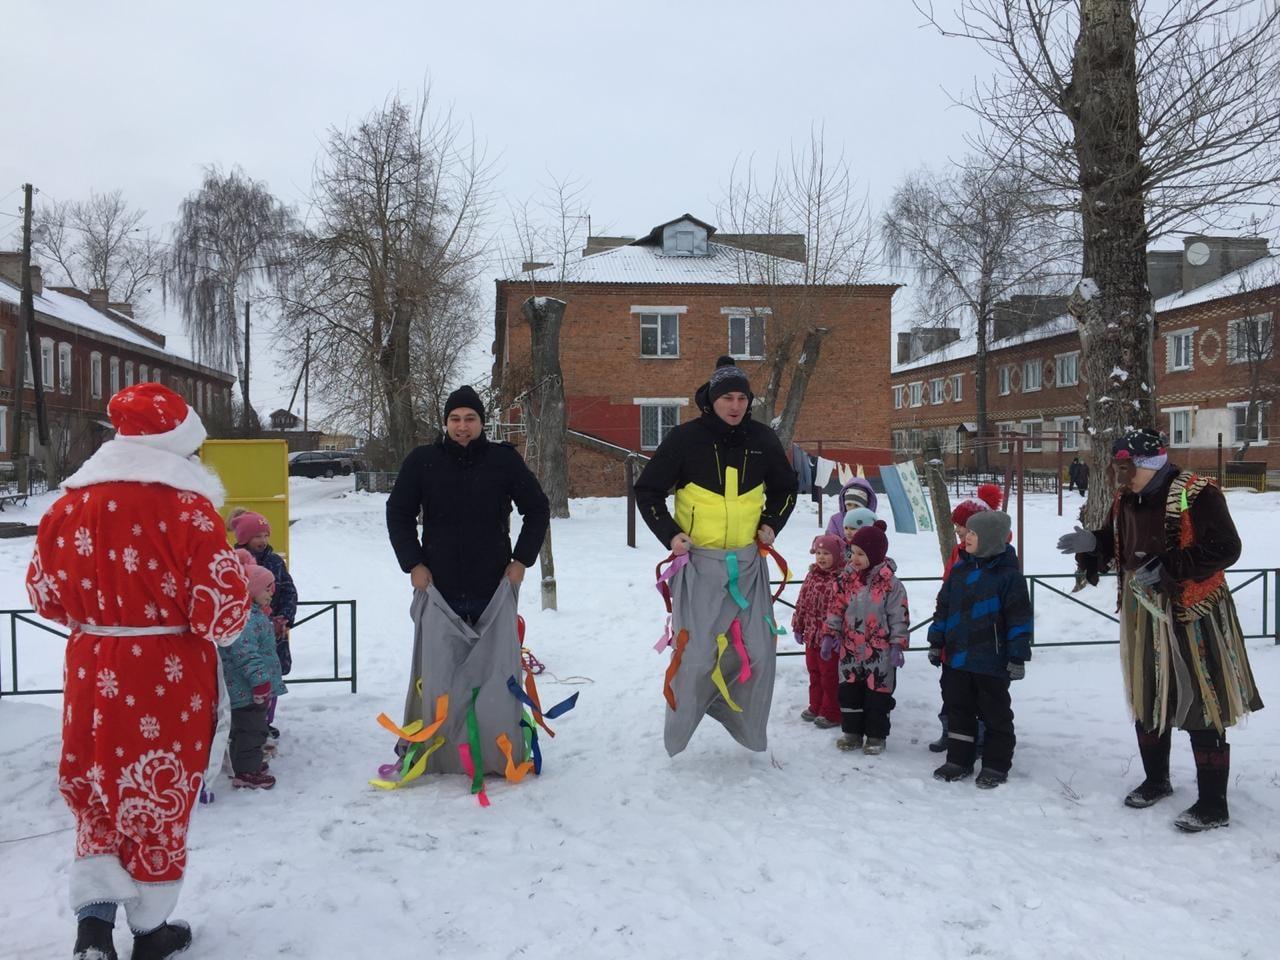 Дед Мороз и Снегурочка продолжают поздравлять коломенцев с праздниками